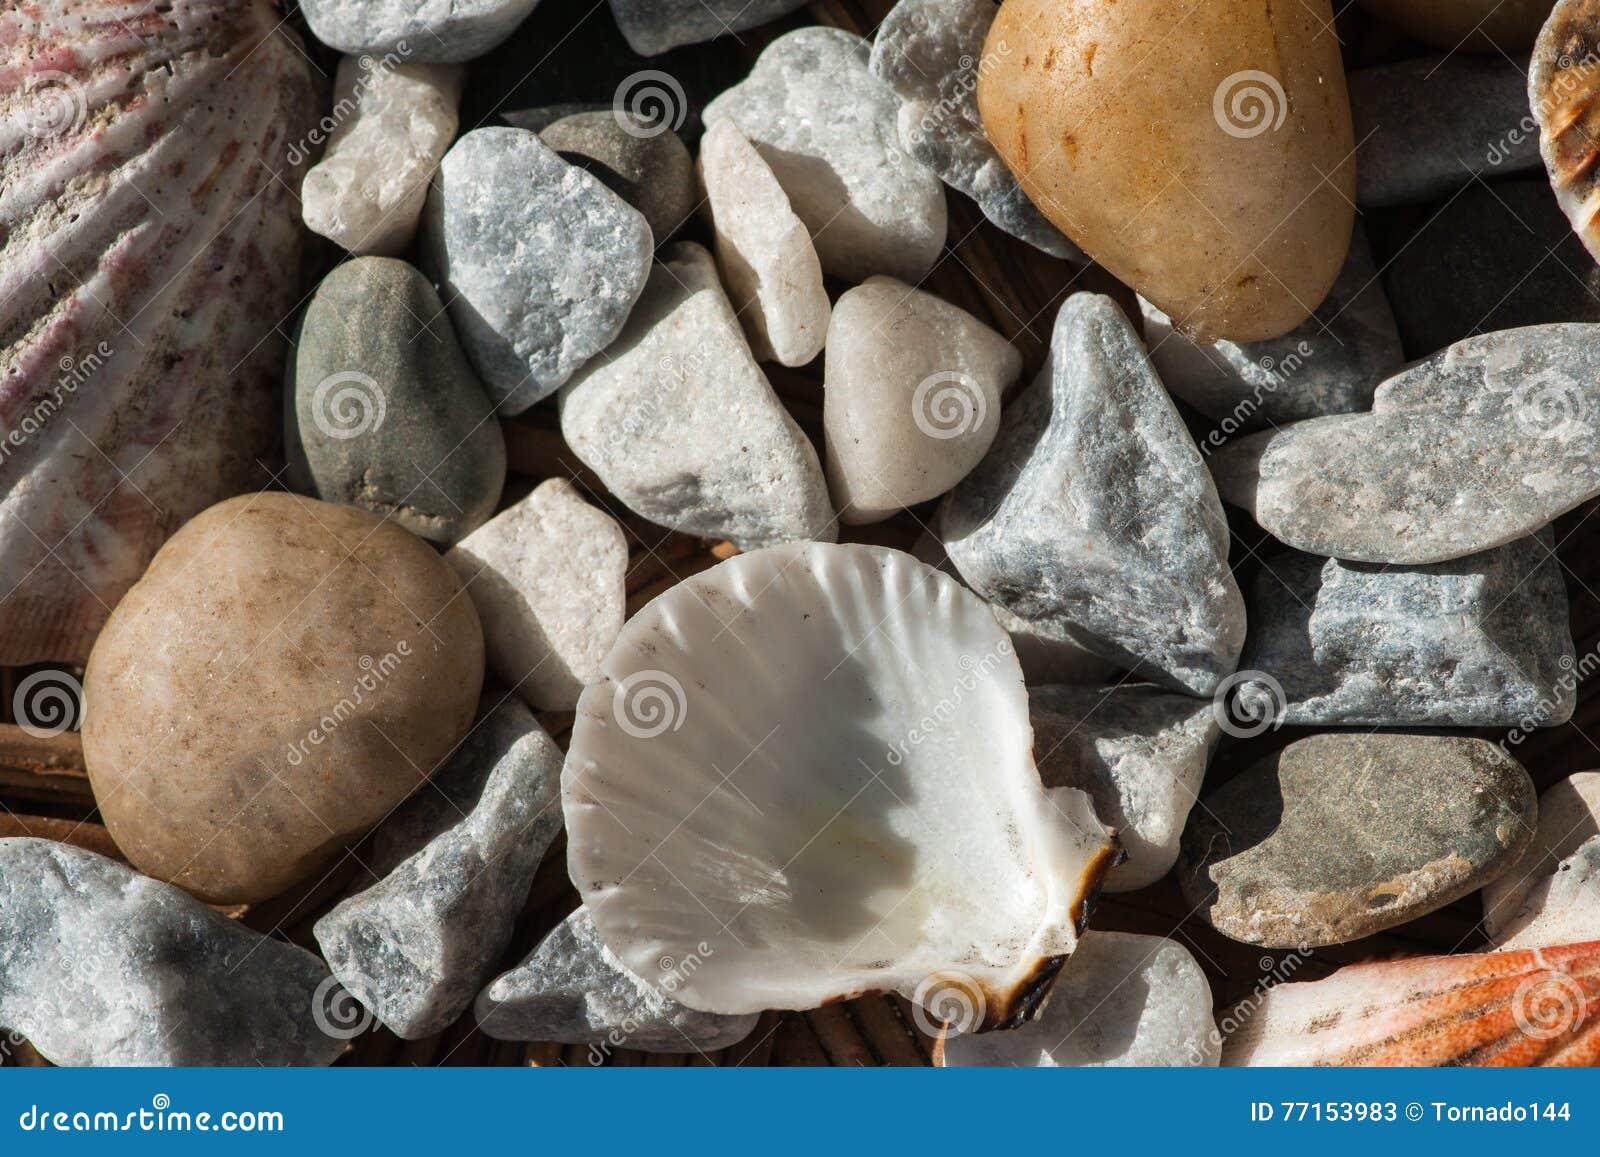 Cailloux et coquilles de mer dans un panier en osier